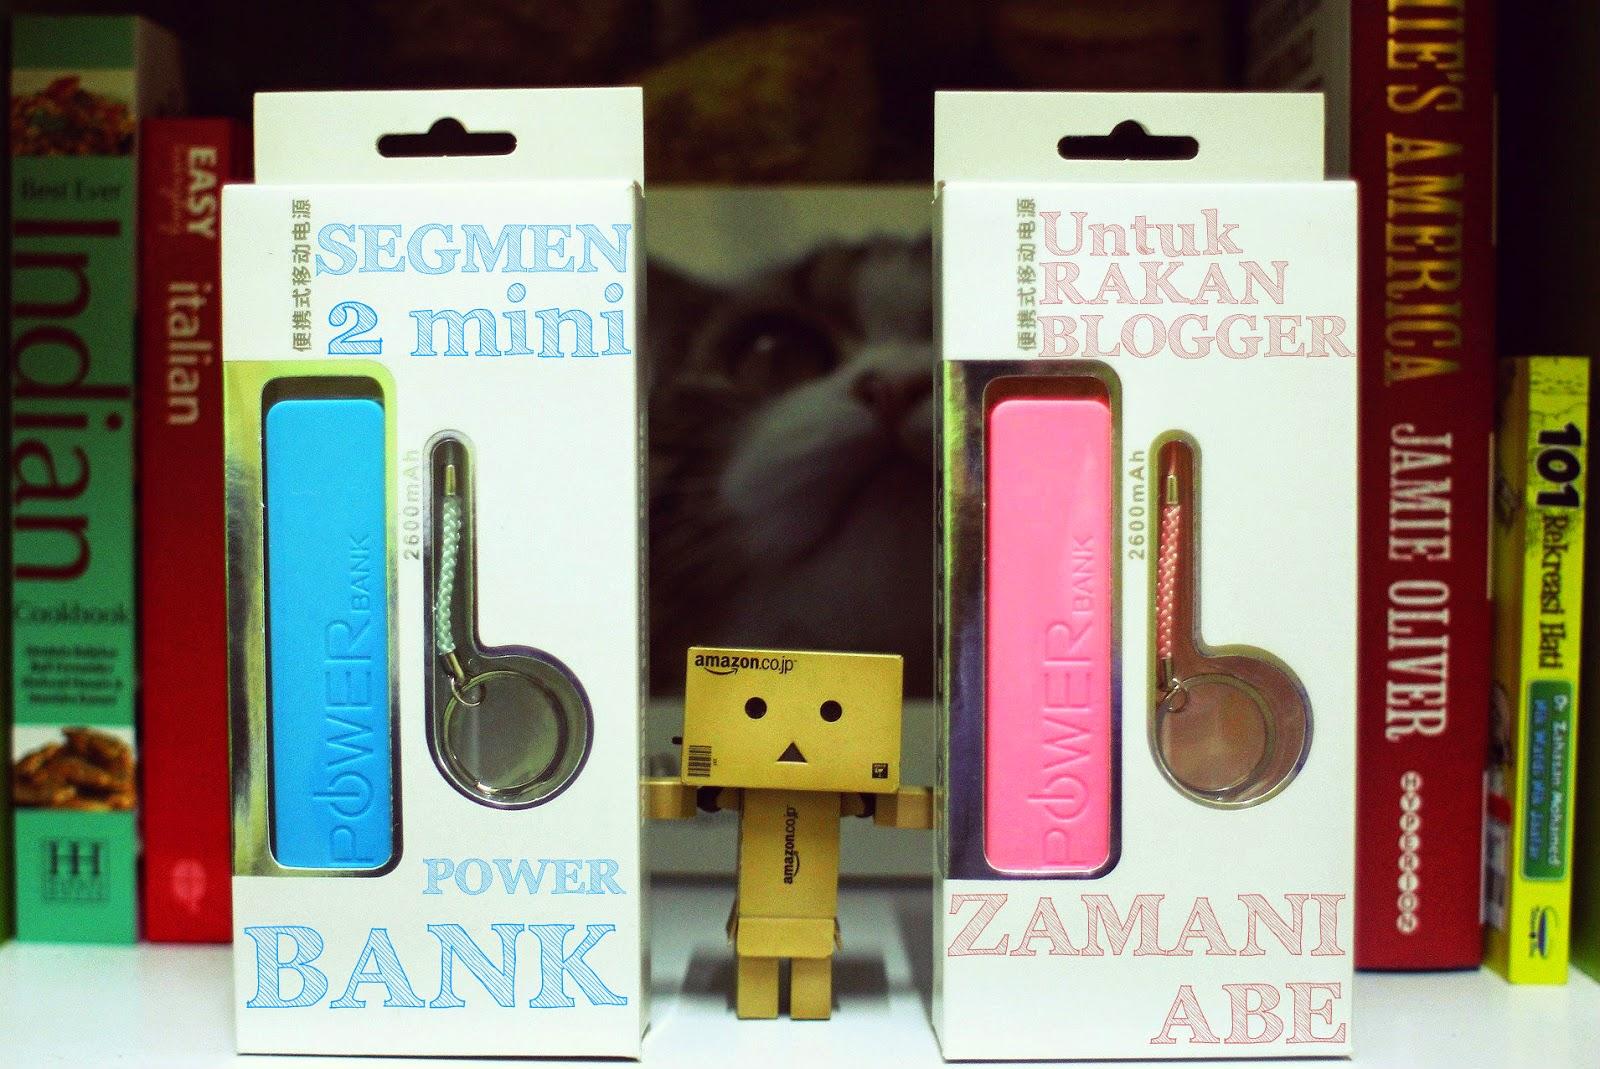 http://zamani84.blogspot.com/2014/07/segmen-2-mini-power-bank-untuk-rakan.html